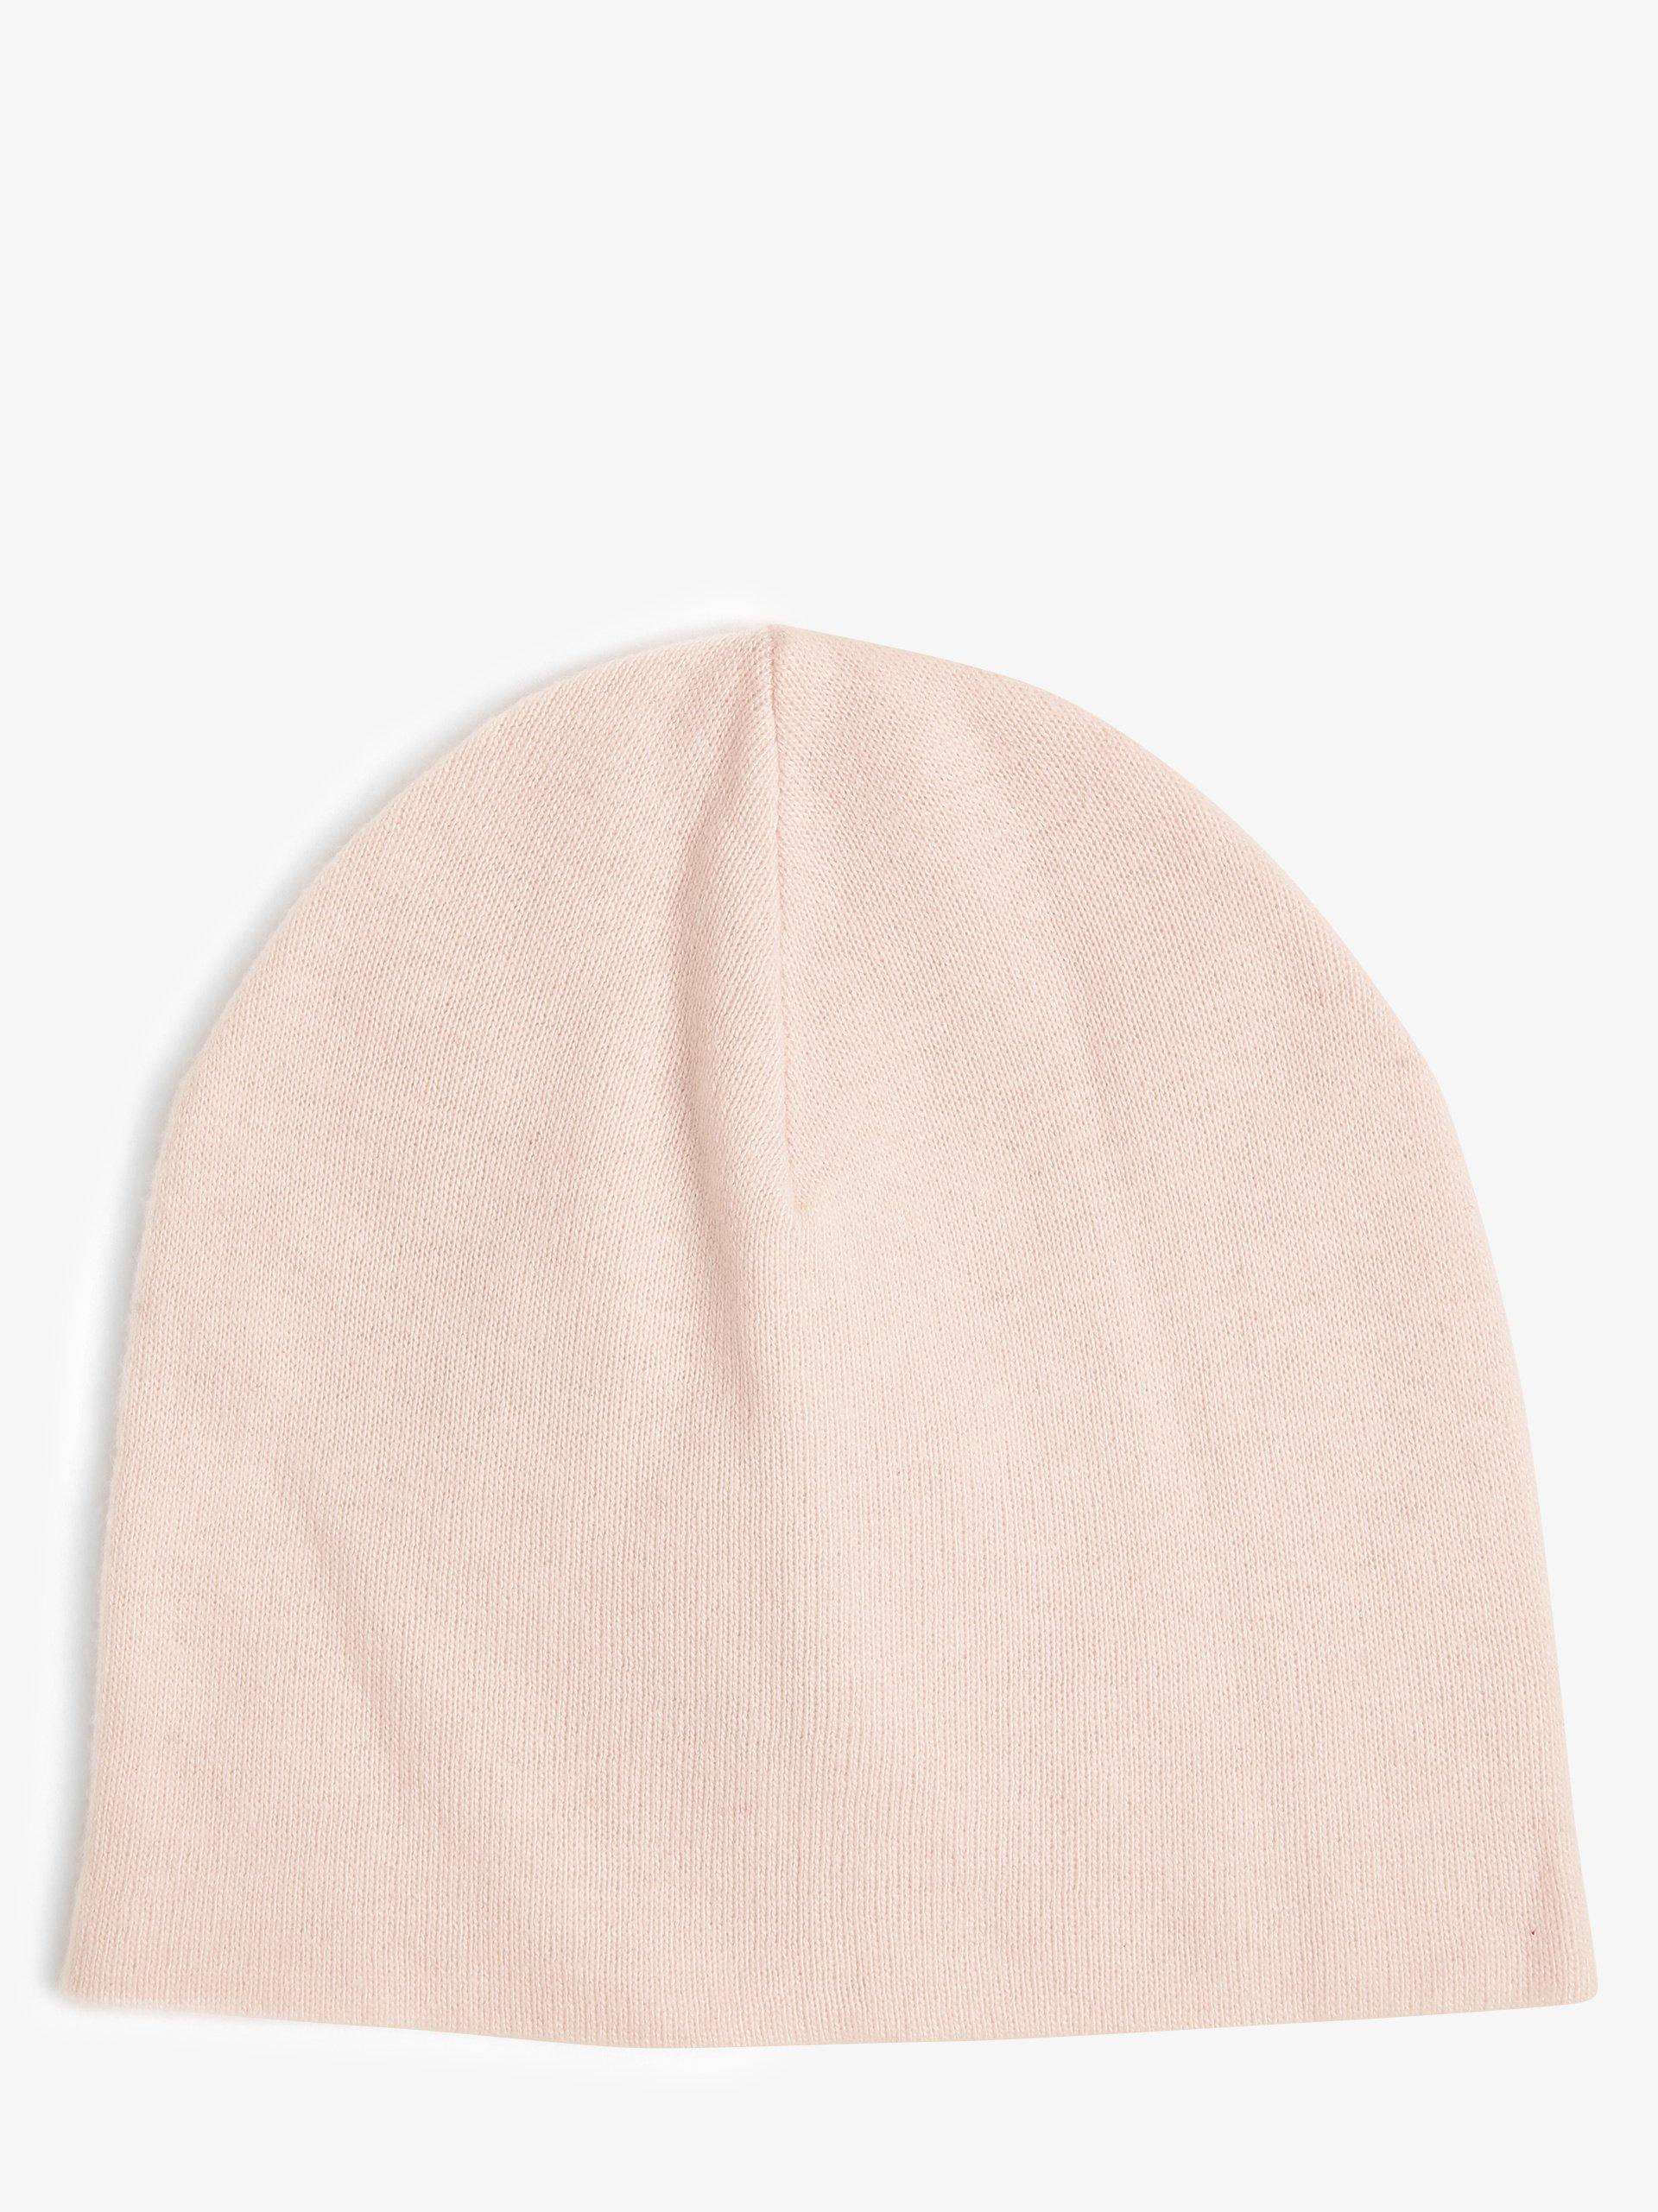 Franco Callegari Damen Mütze mit Alpaka- und Merino-Anteil